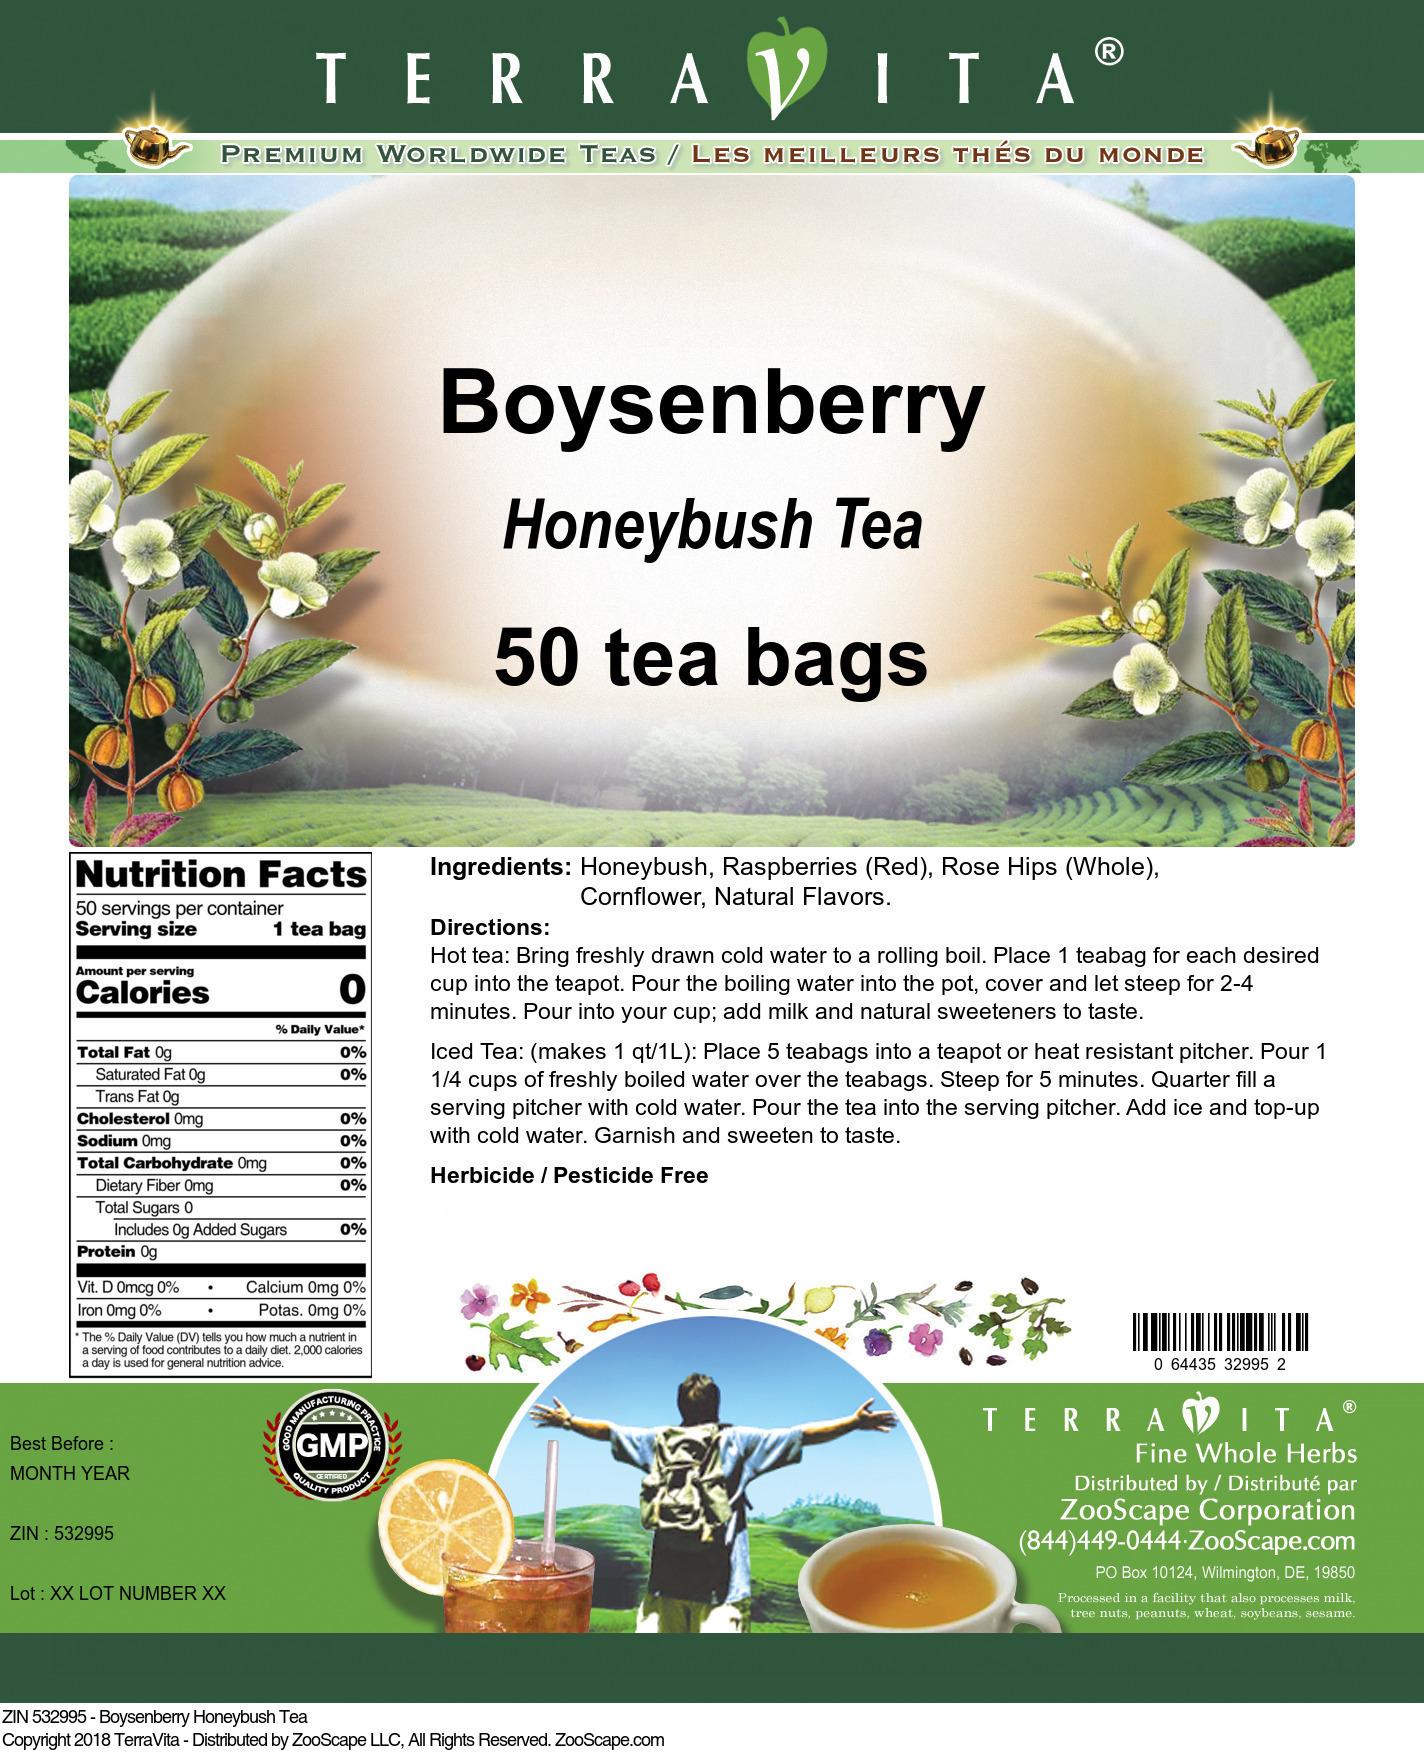 Boysenberry Honeybush Tea